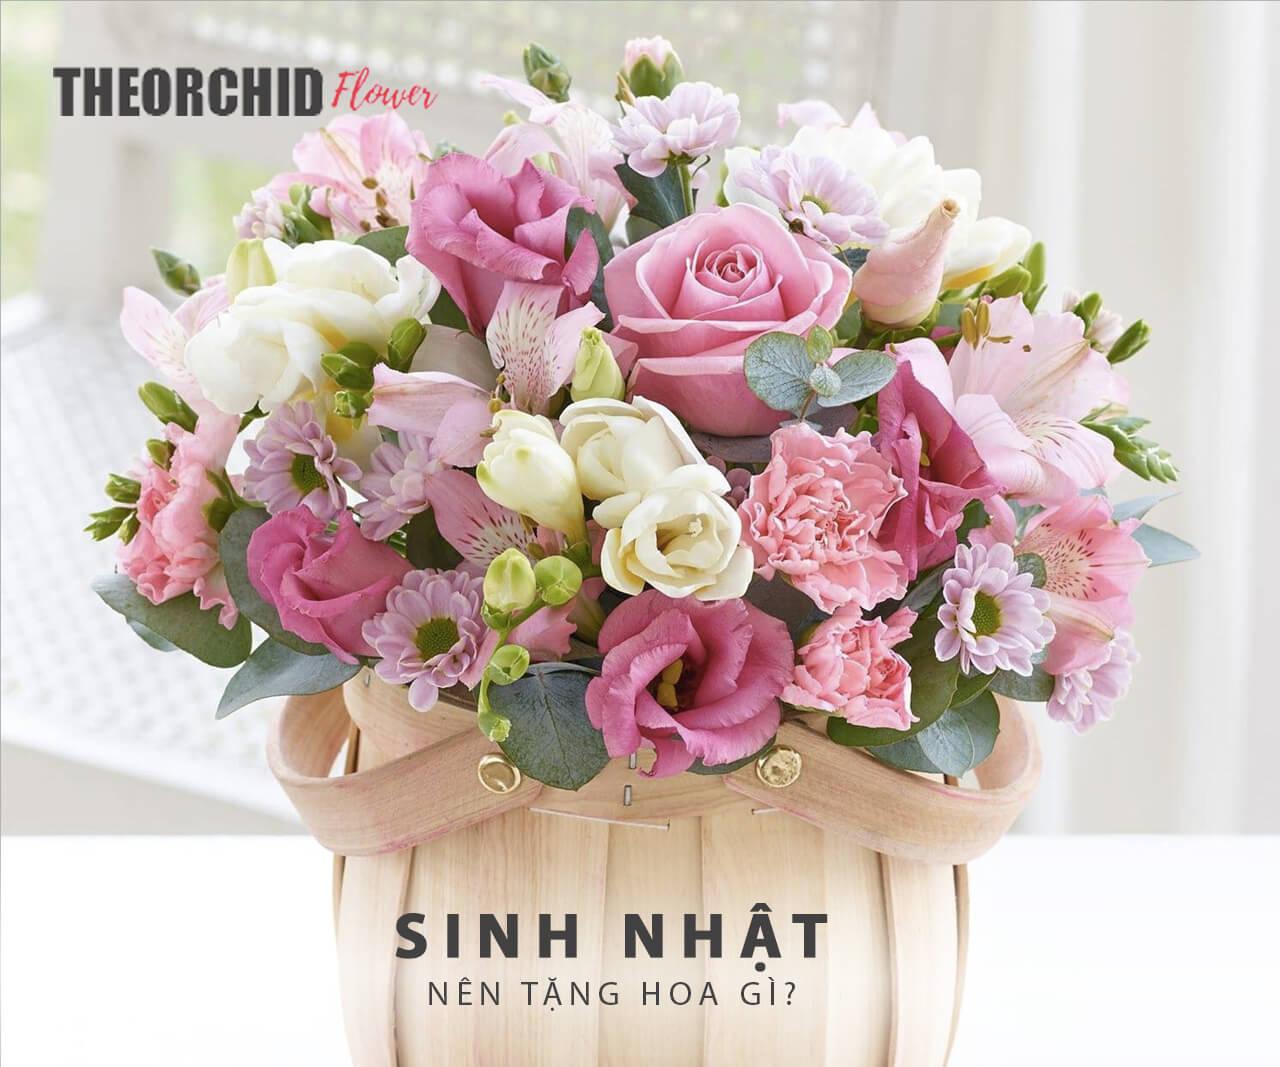 sinh nhật nên tặng hoa gì